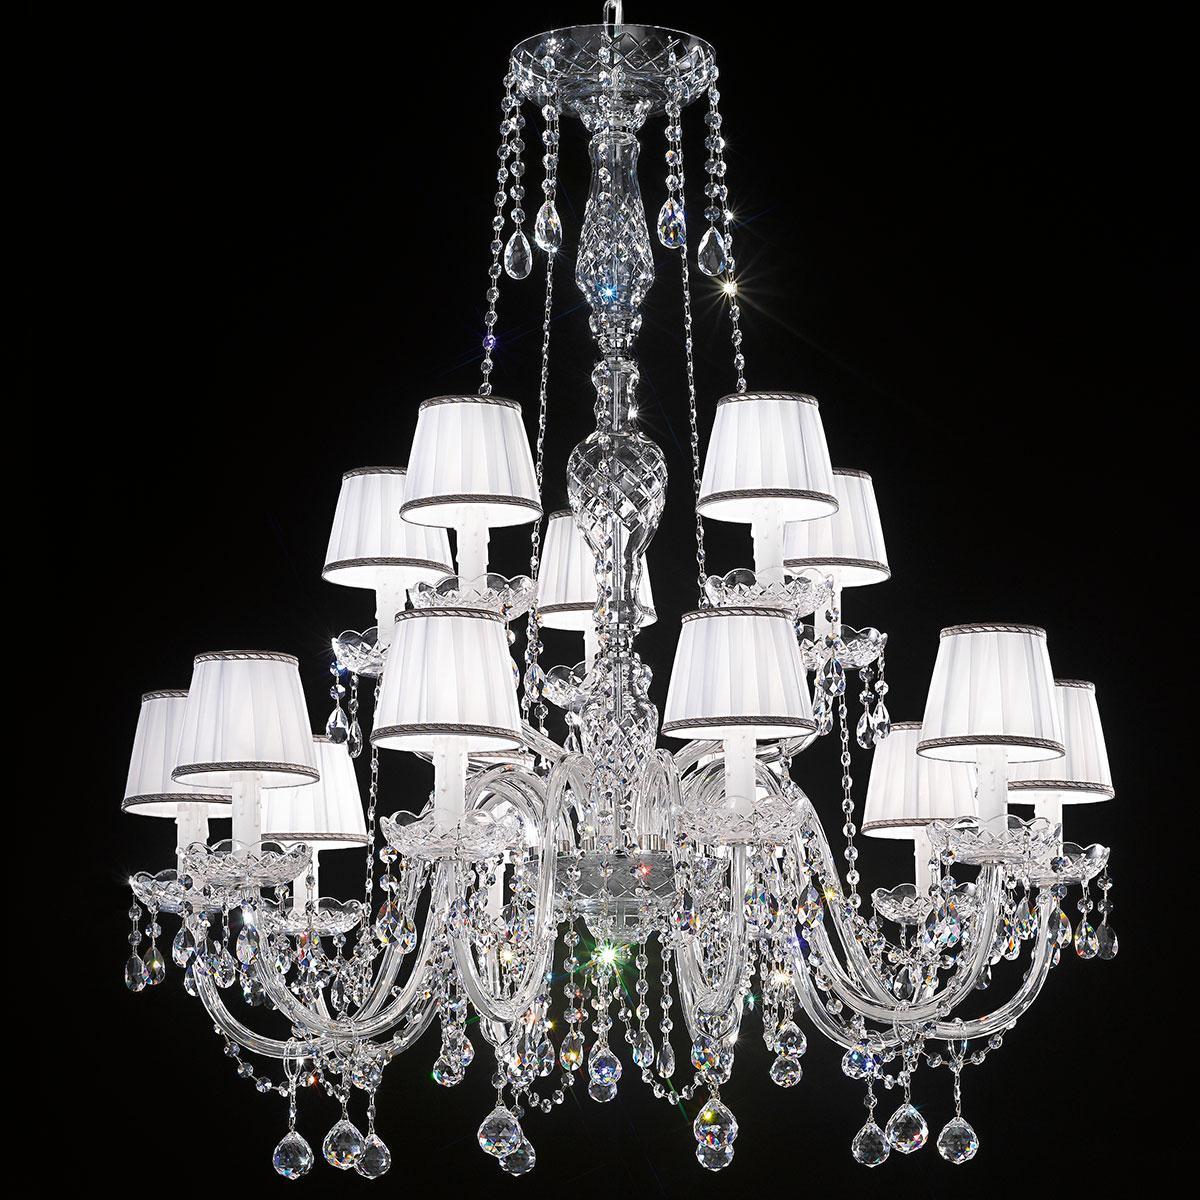 """""""Barbieri"""" venezianischer kristall kronleuchter mit lampenschirmen  - 10+5 flammig - transparent mit kristal Asfour"""